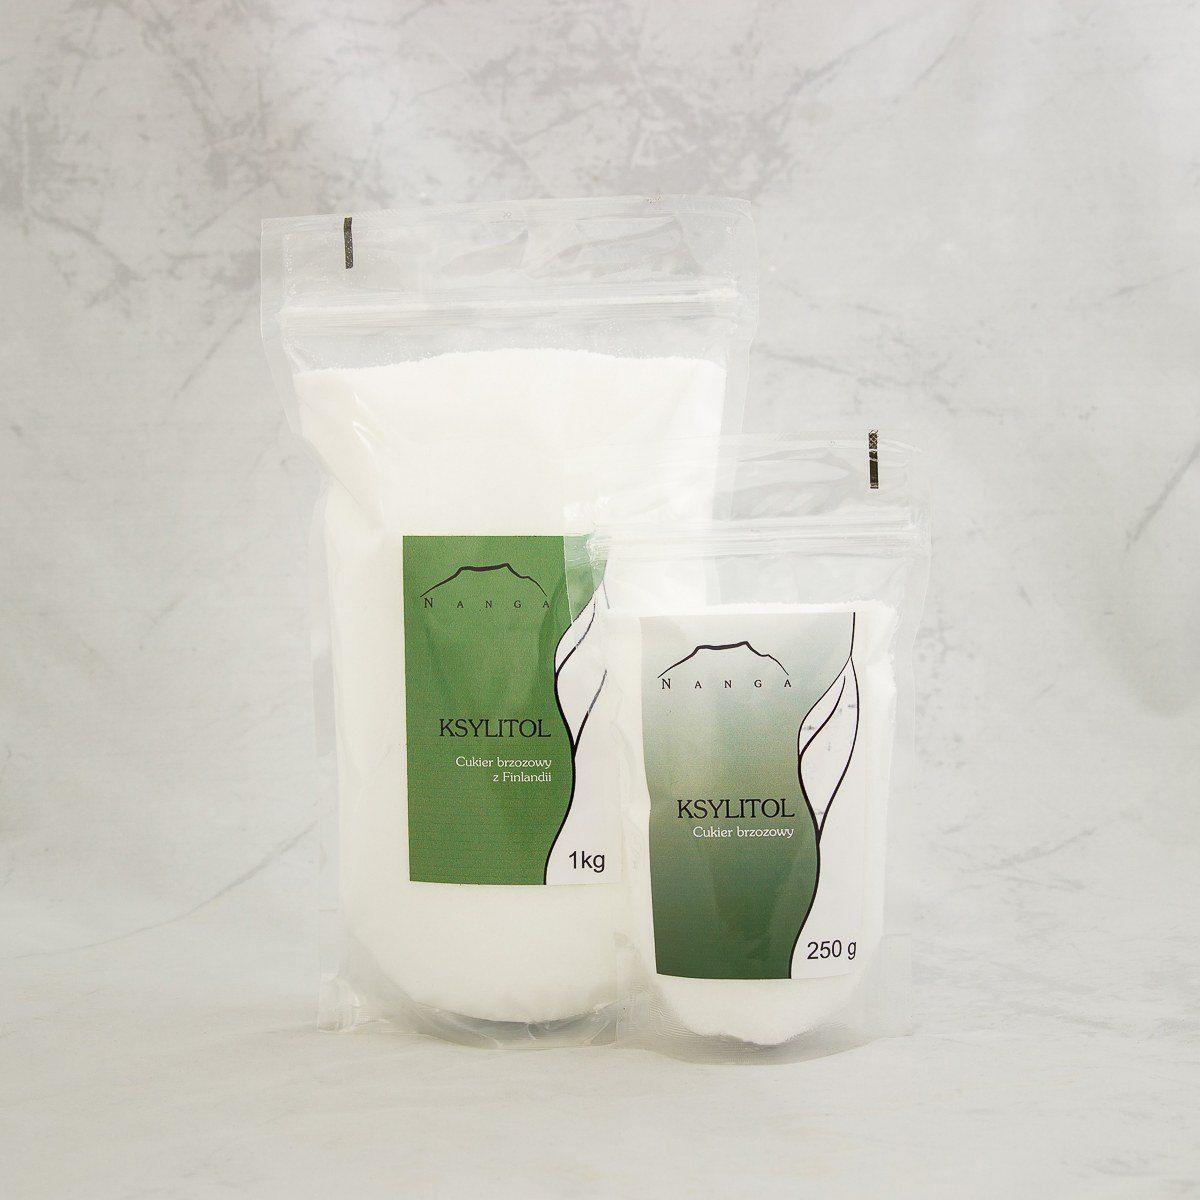 Ksylitol - cukier brzozowy